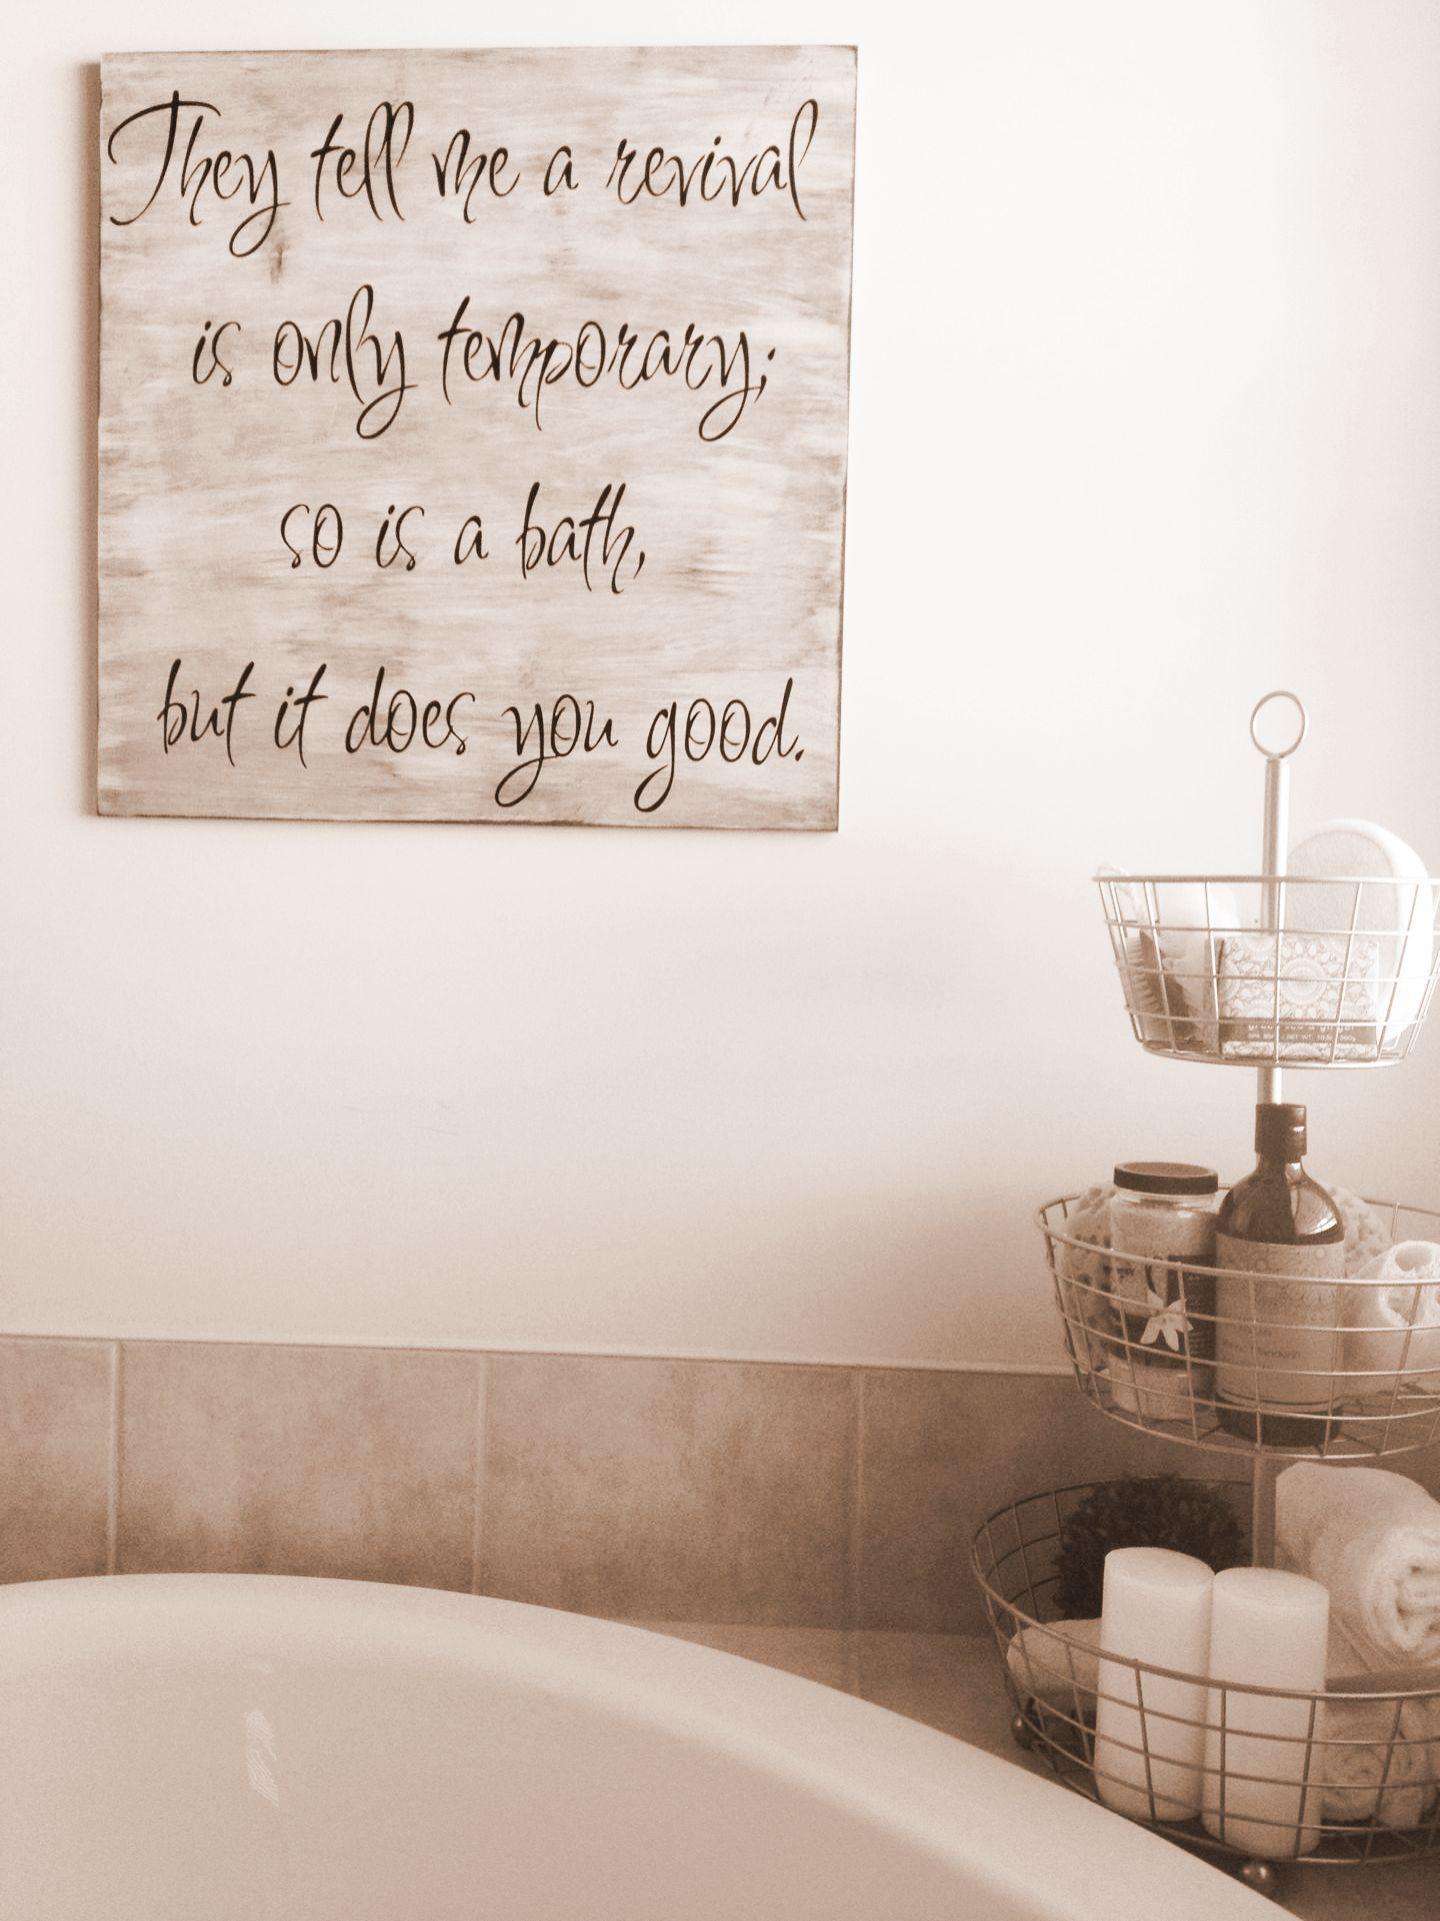 Pin by alexis kole on house ideas pinterest - Bathroom wall decor ideas ...